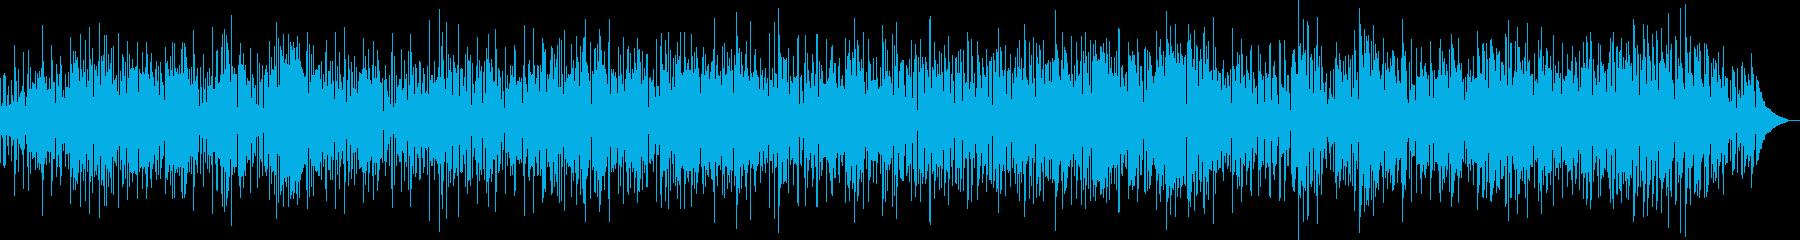 爽やかに元気を表現するファンク・ロックの再生済みの波形